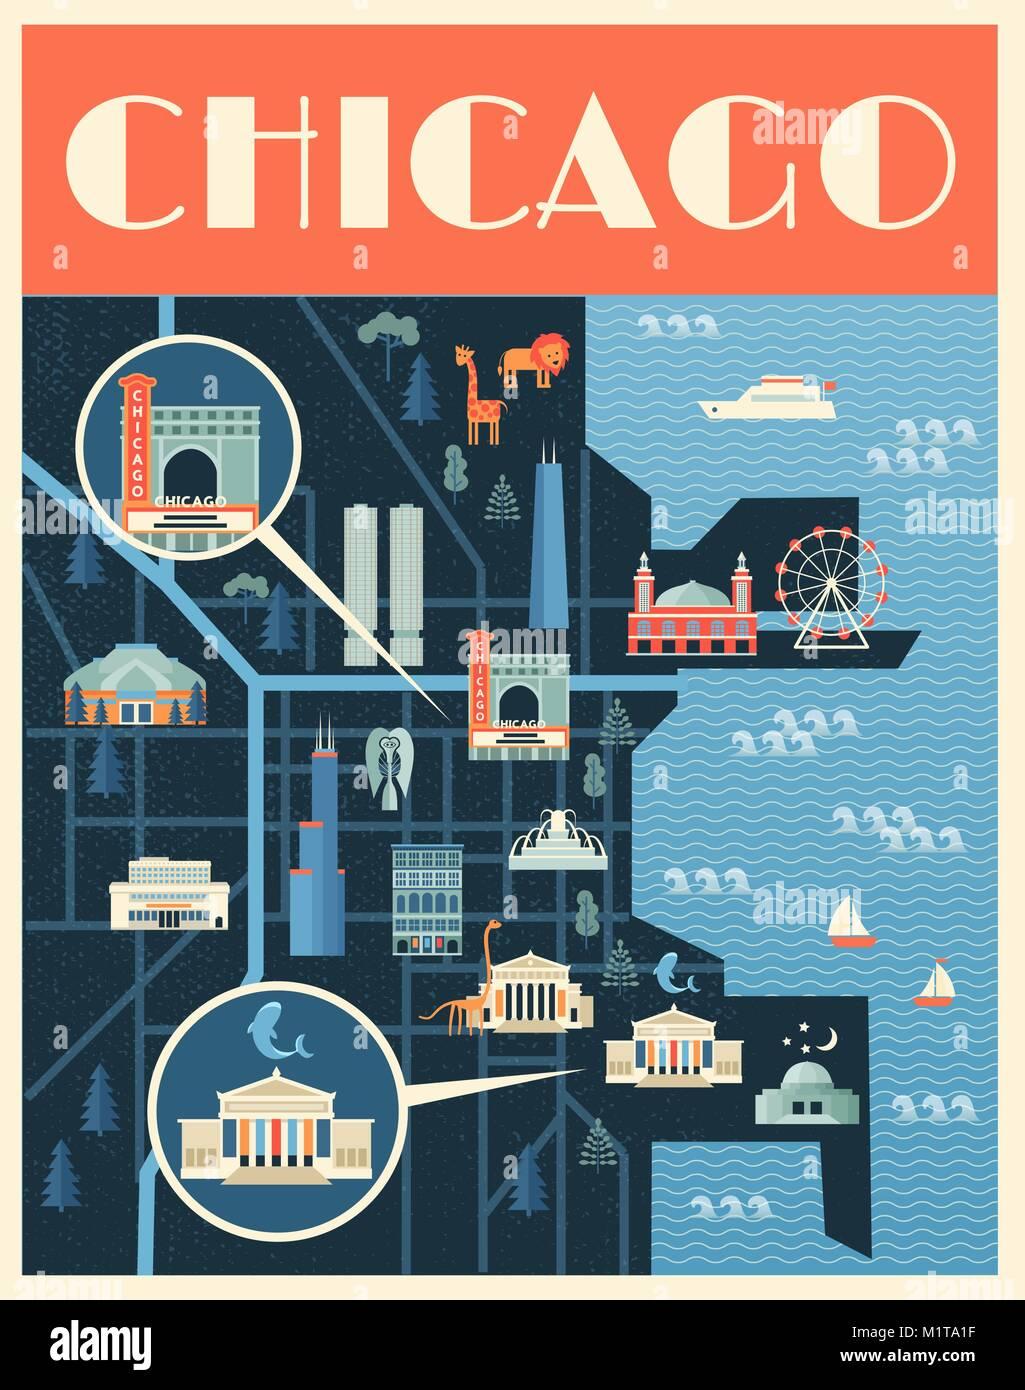 Vector Illustration De Laffiche La Carte Reperes Chicago Des Lieux Celebres Batiments Historiques Les Visites Touristiques Et Musees Connus